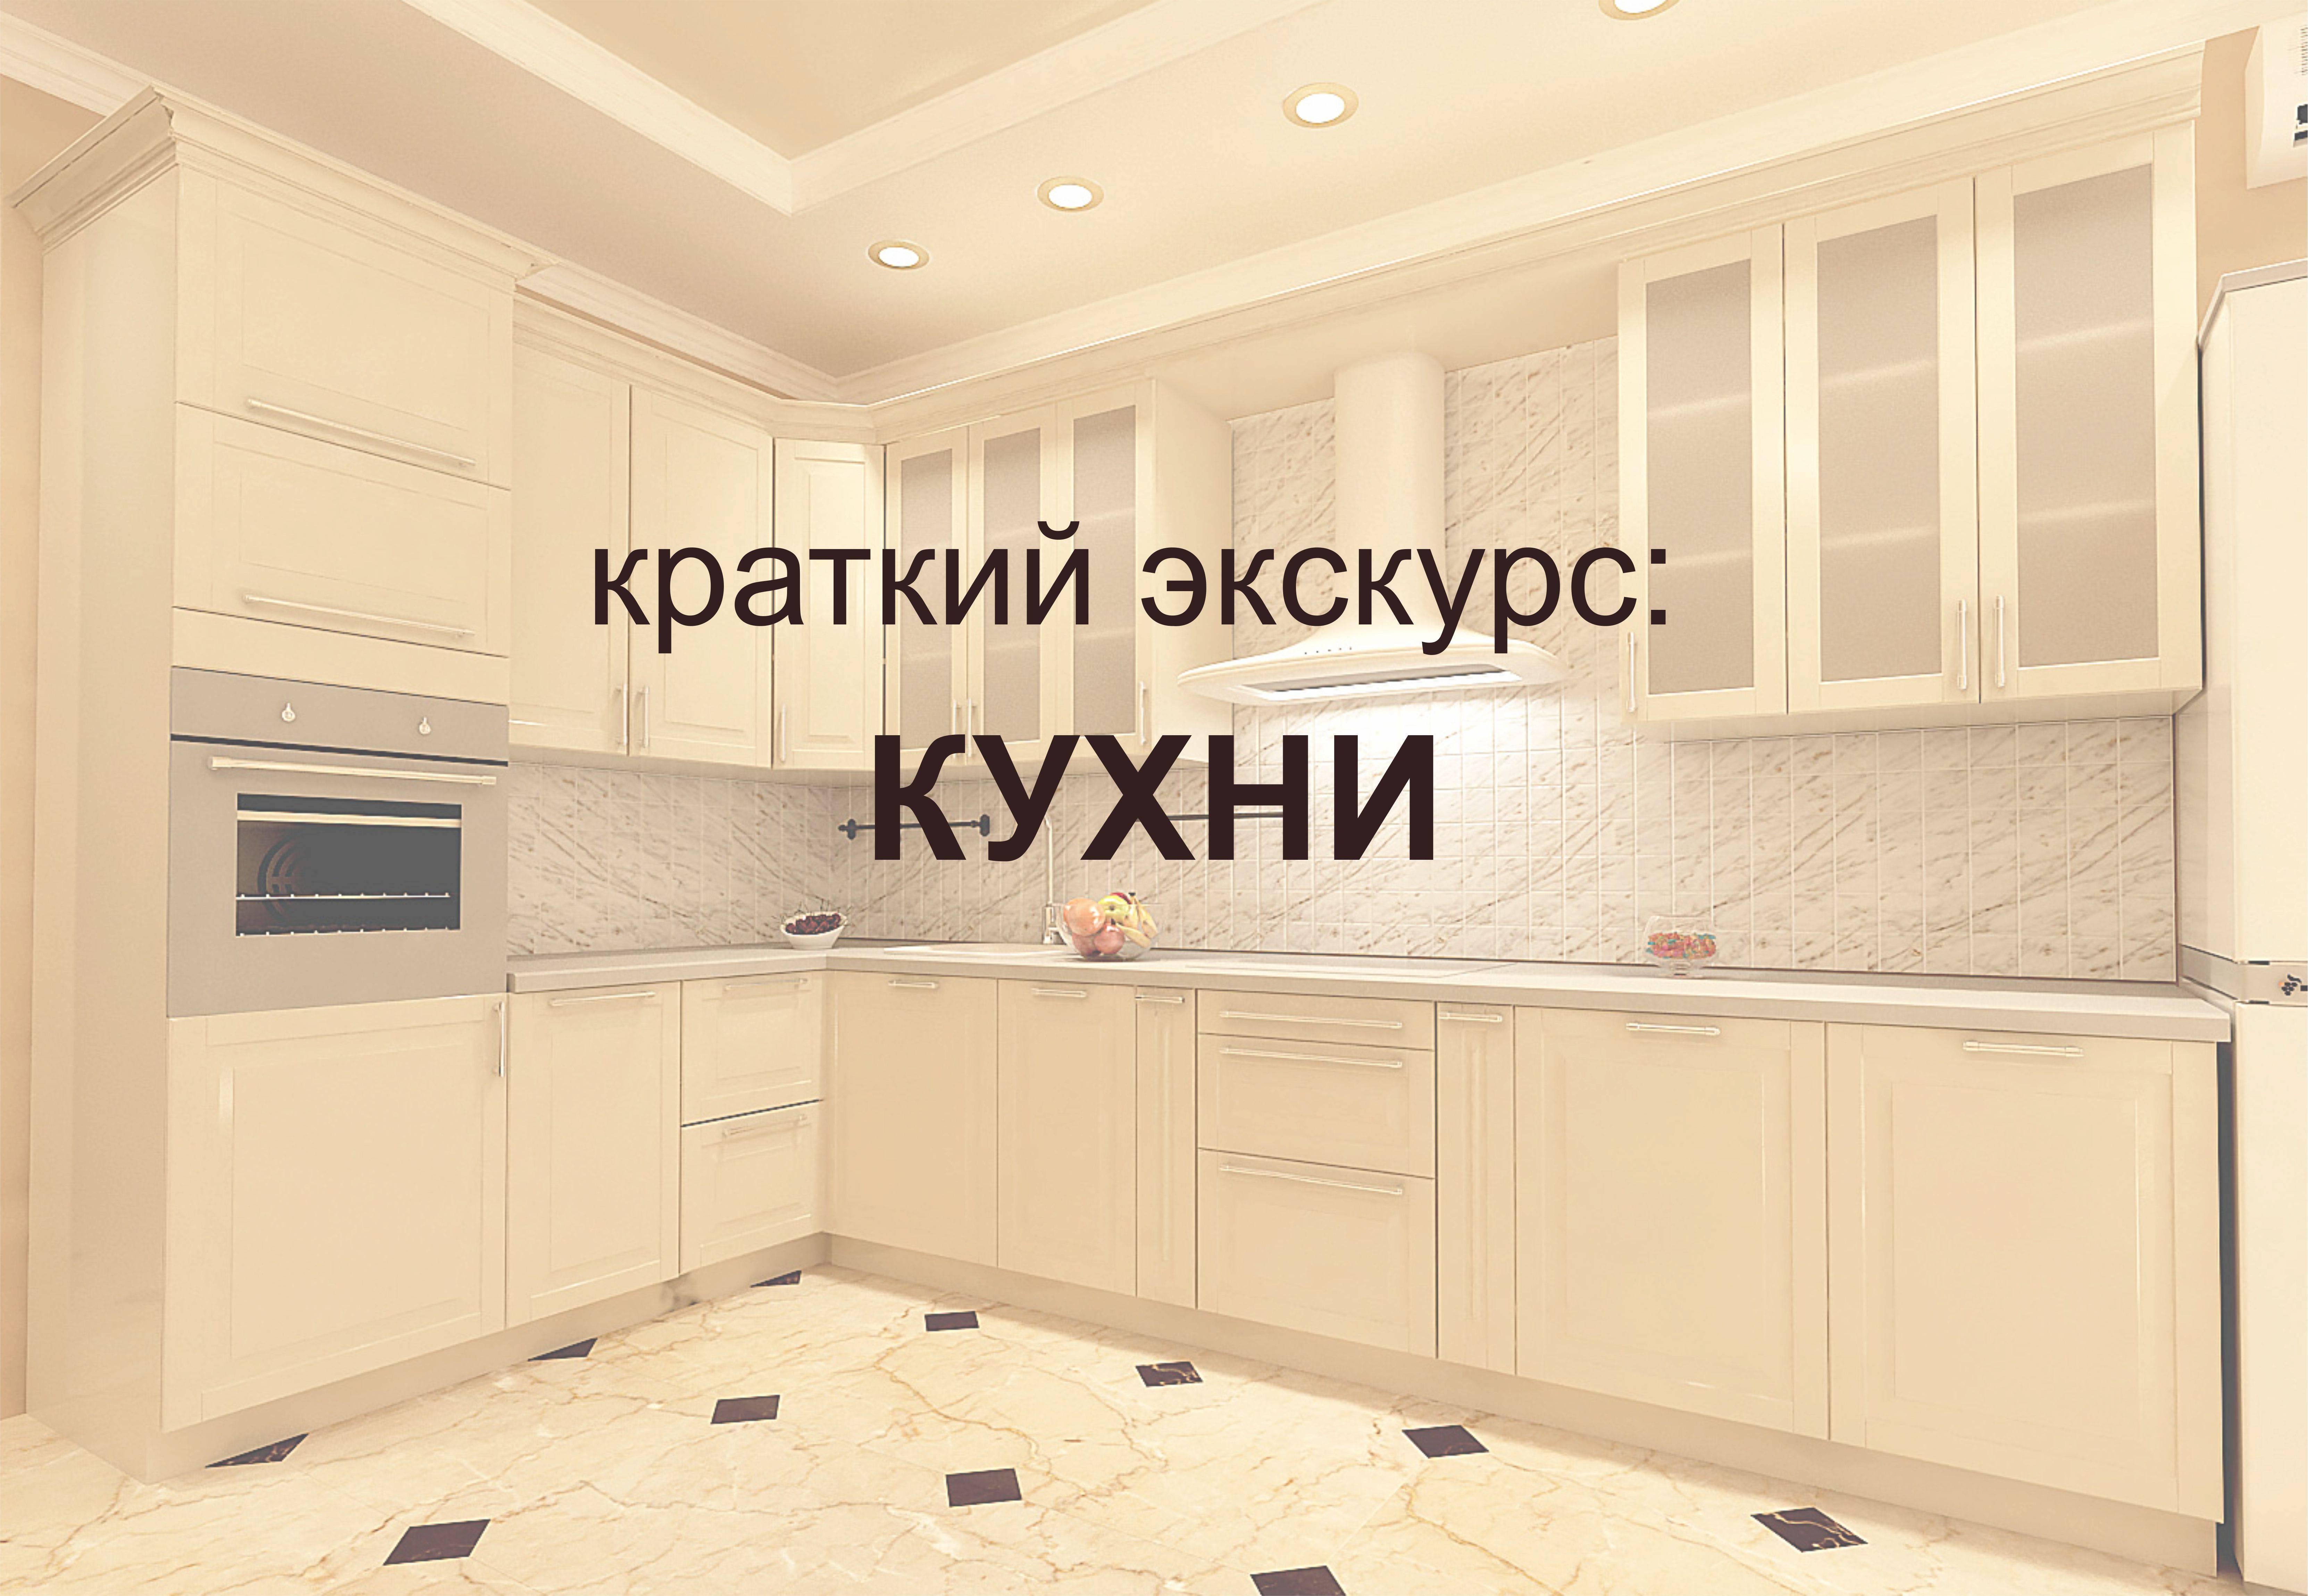 Размеры столешницы для кухни (дсп, мдф, дерево, камень) : стандартные и нестандартные габариты